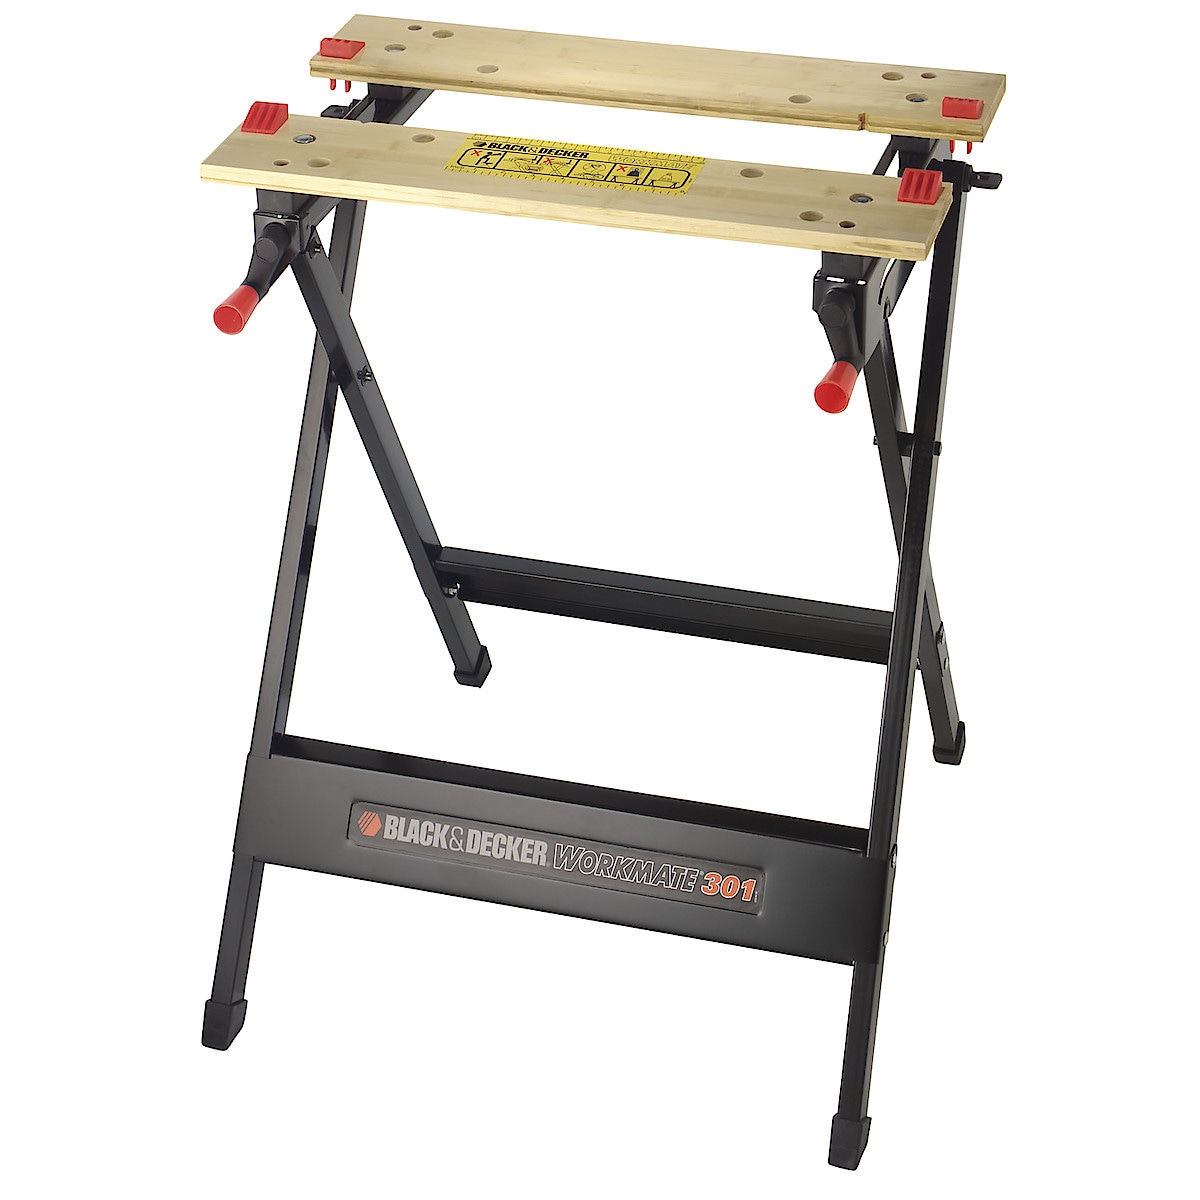 Arbetsbänk Black & Decker Workmate 301